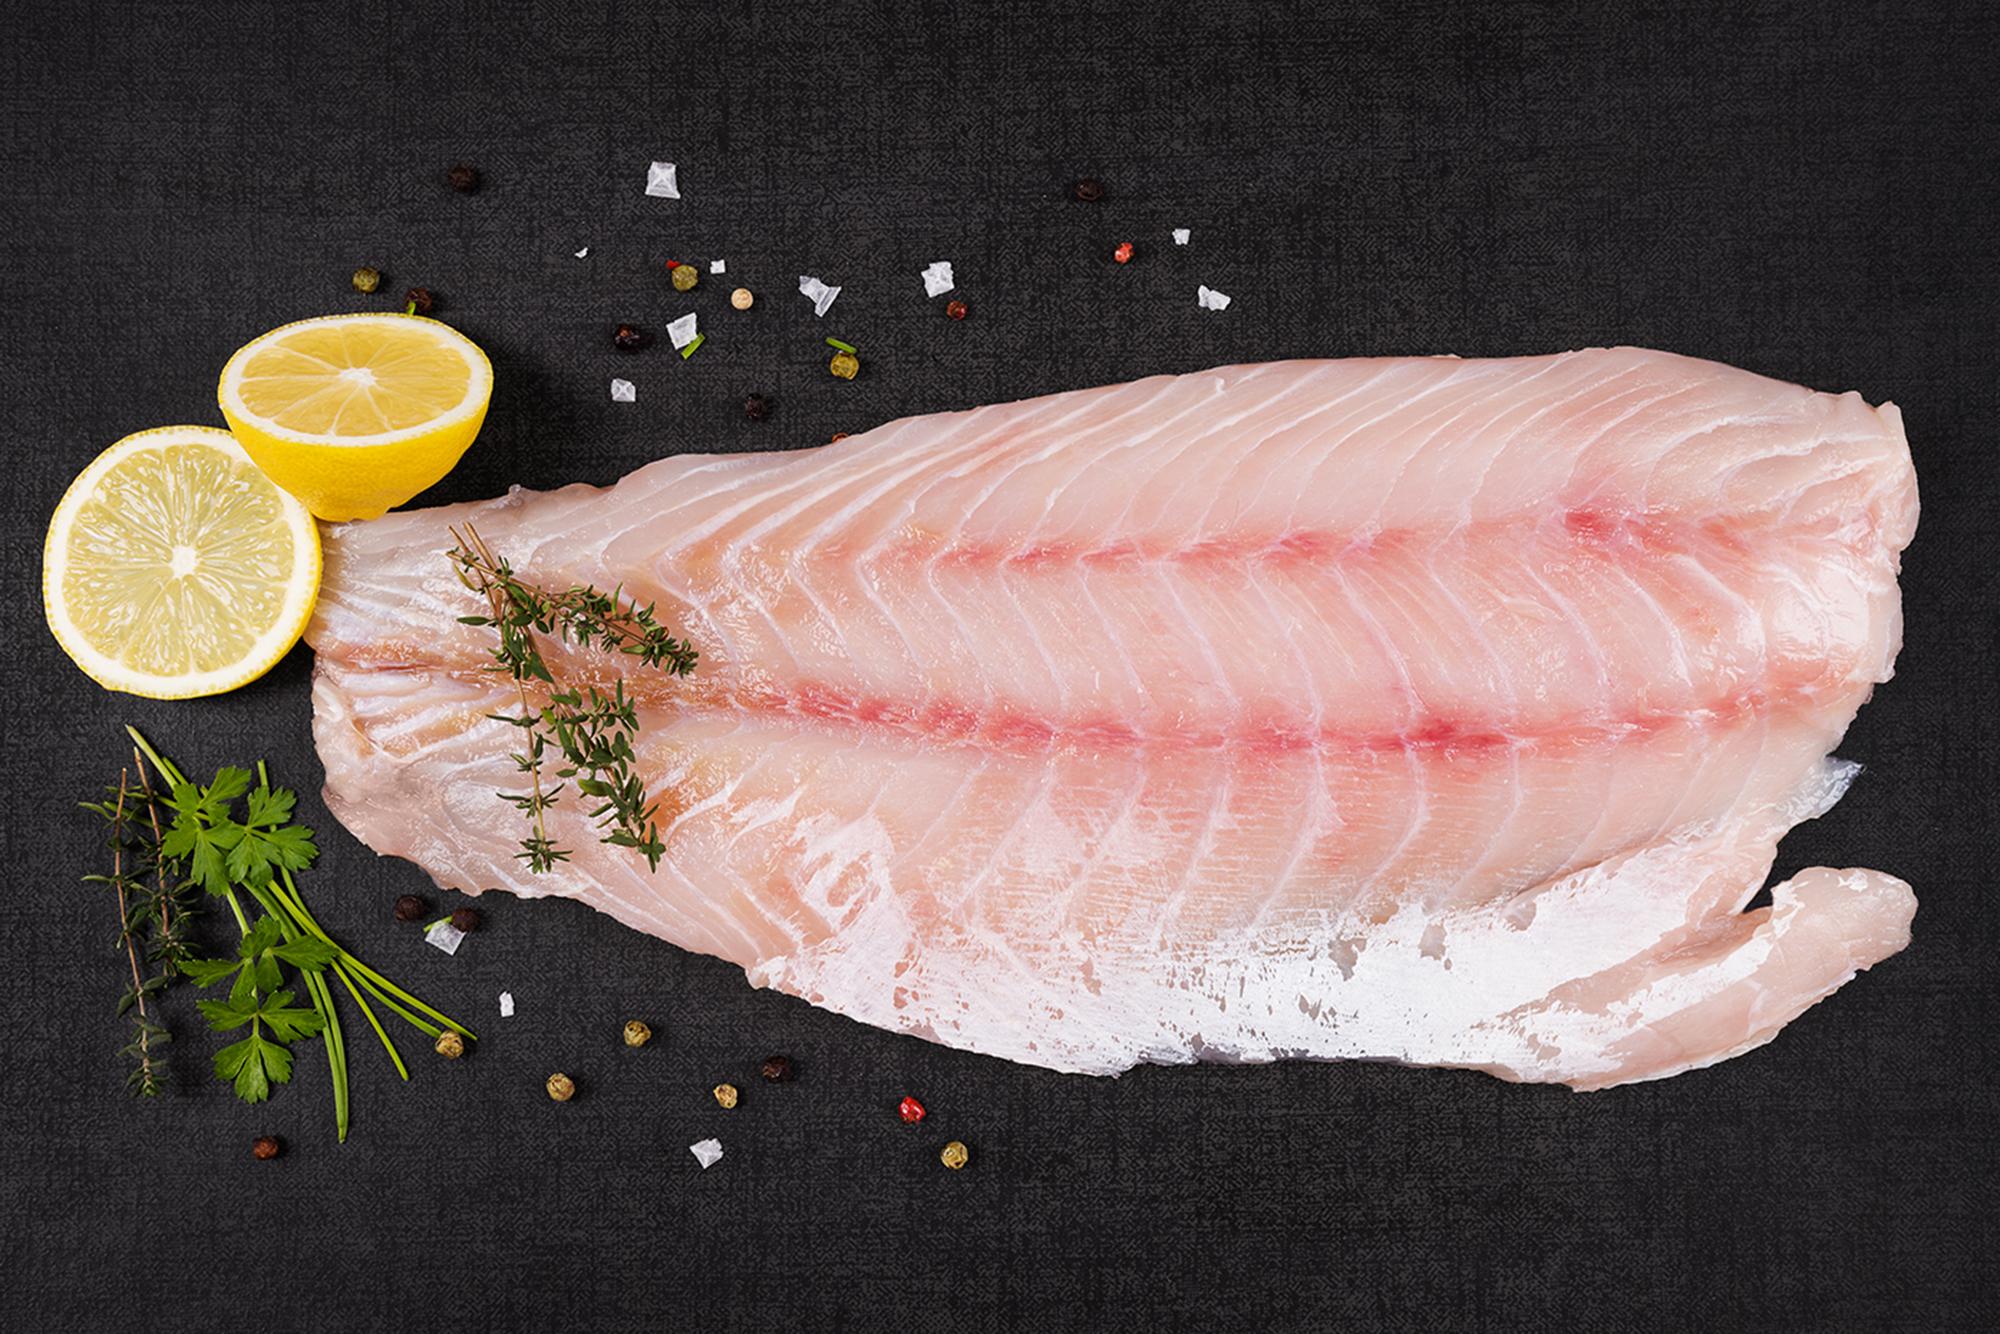 Kala - Tuotteita fileinä, seläkkeinä ja kuutioina